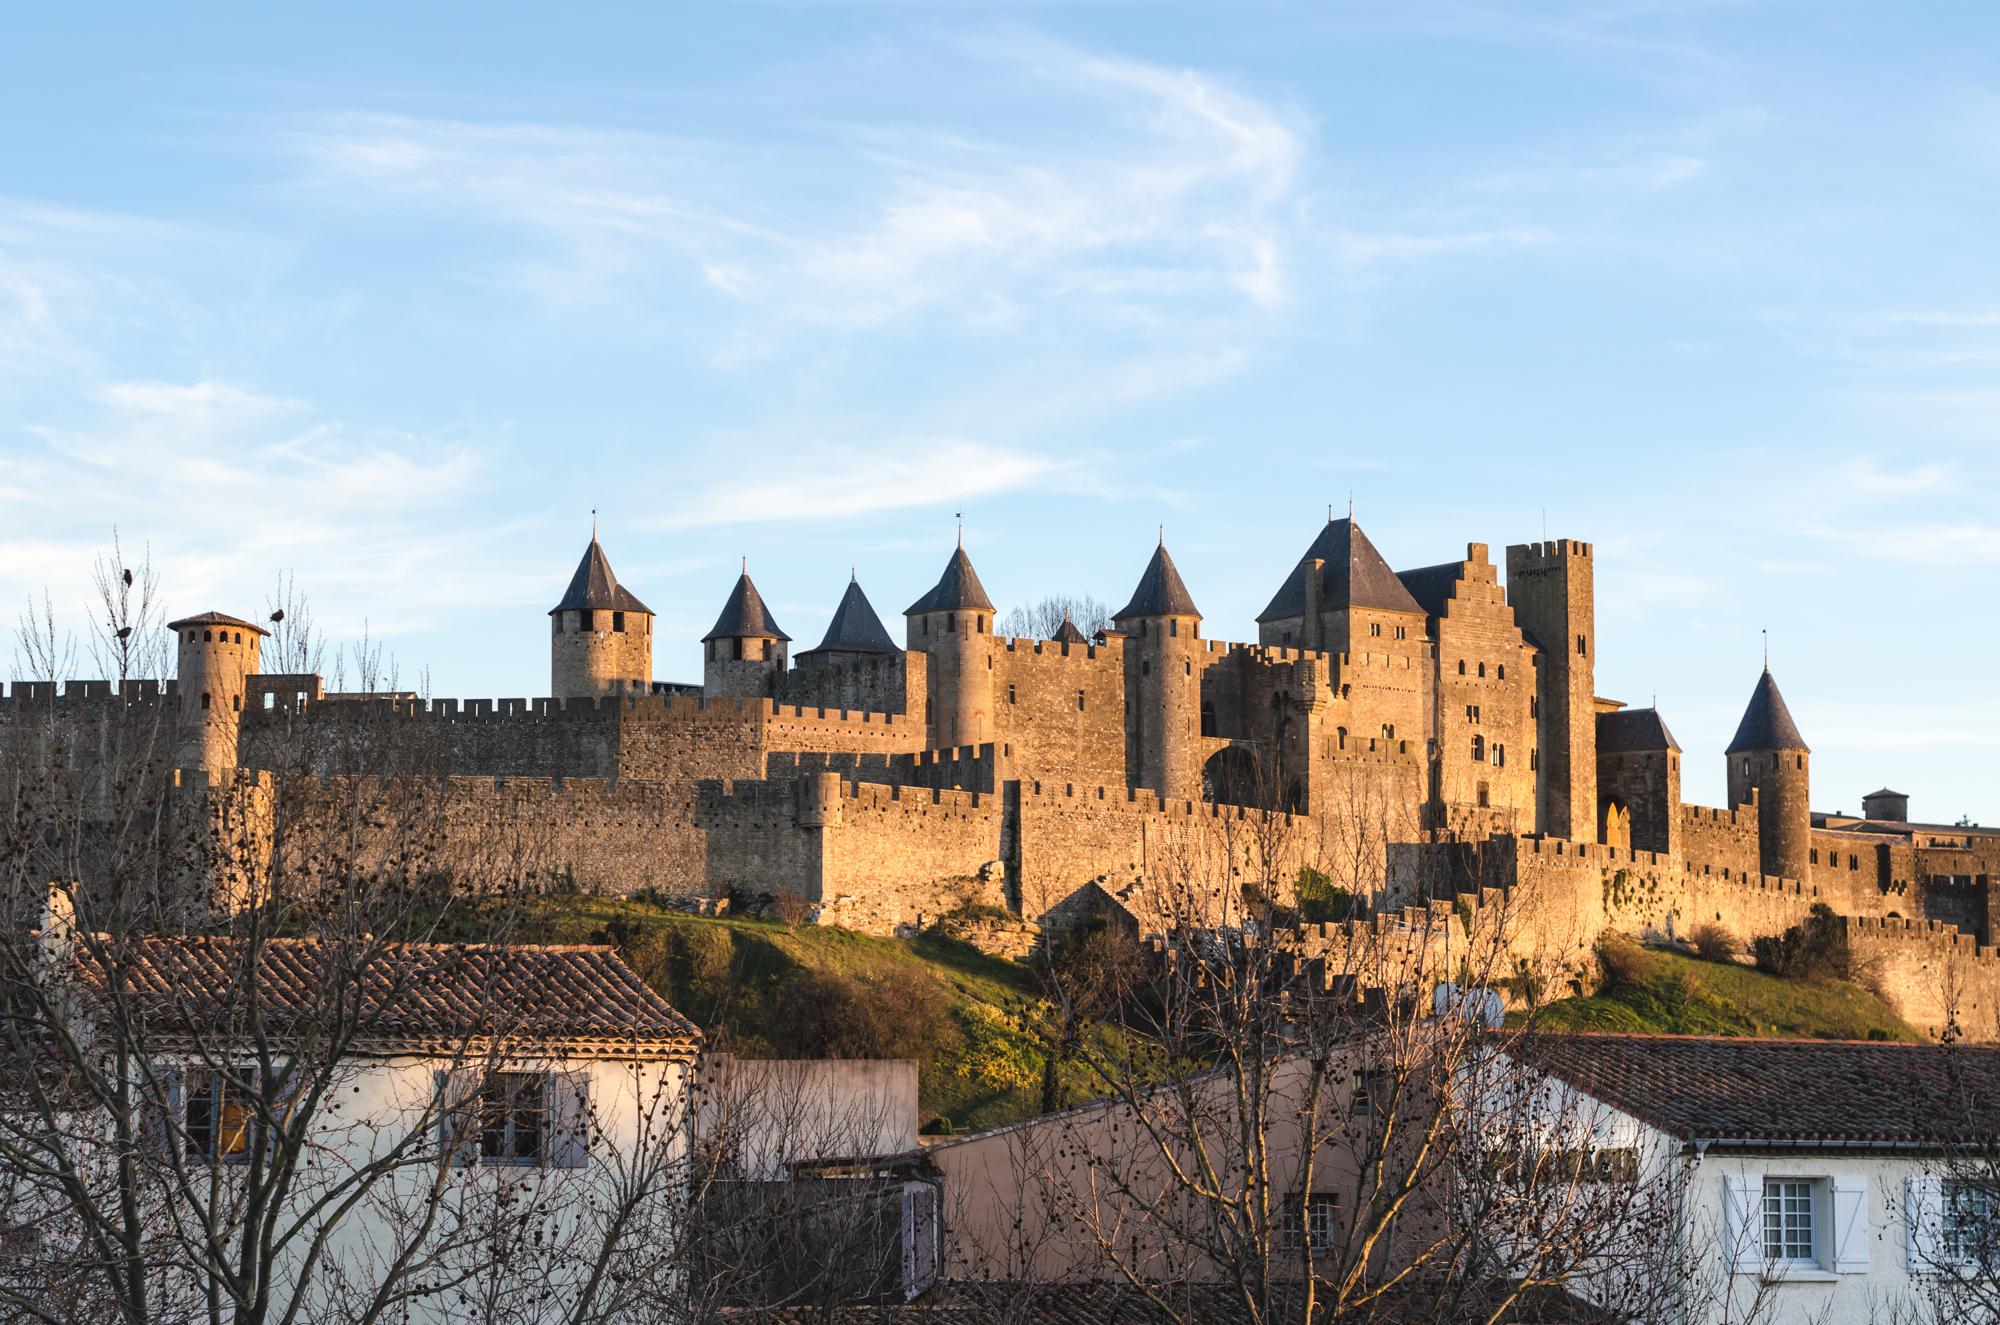 2000 x 1325 jpeg 1889kBCarcassonne